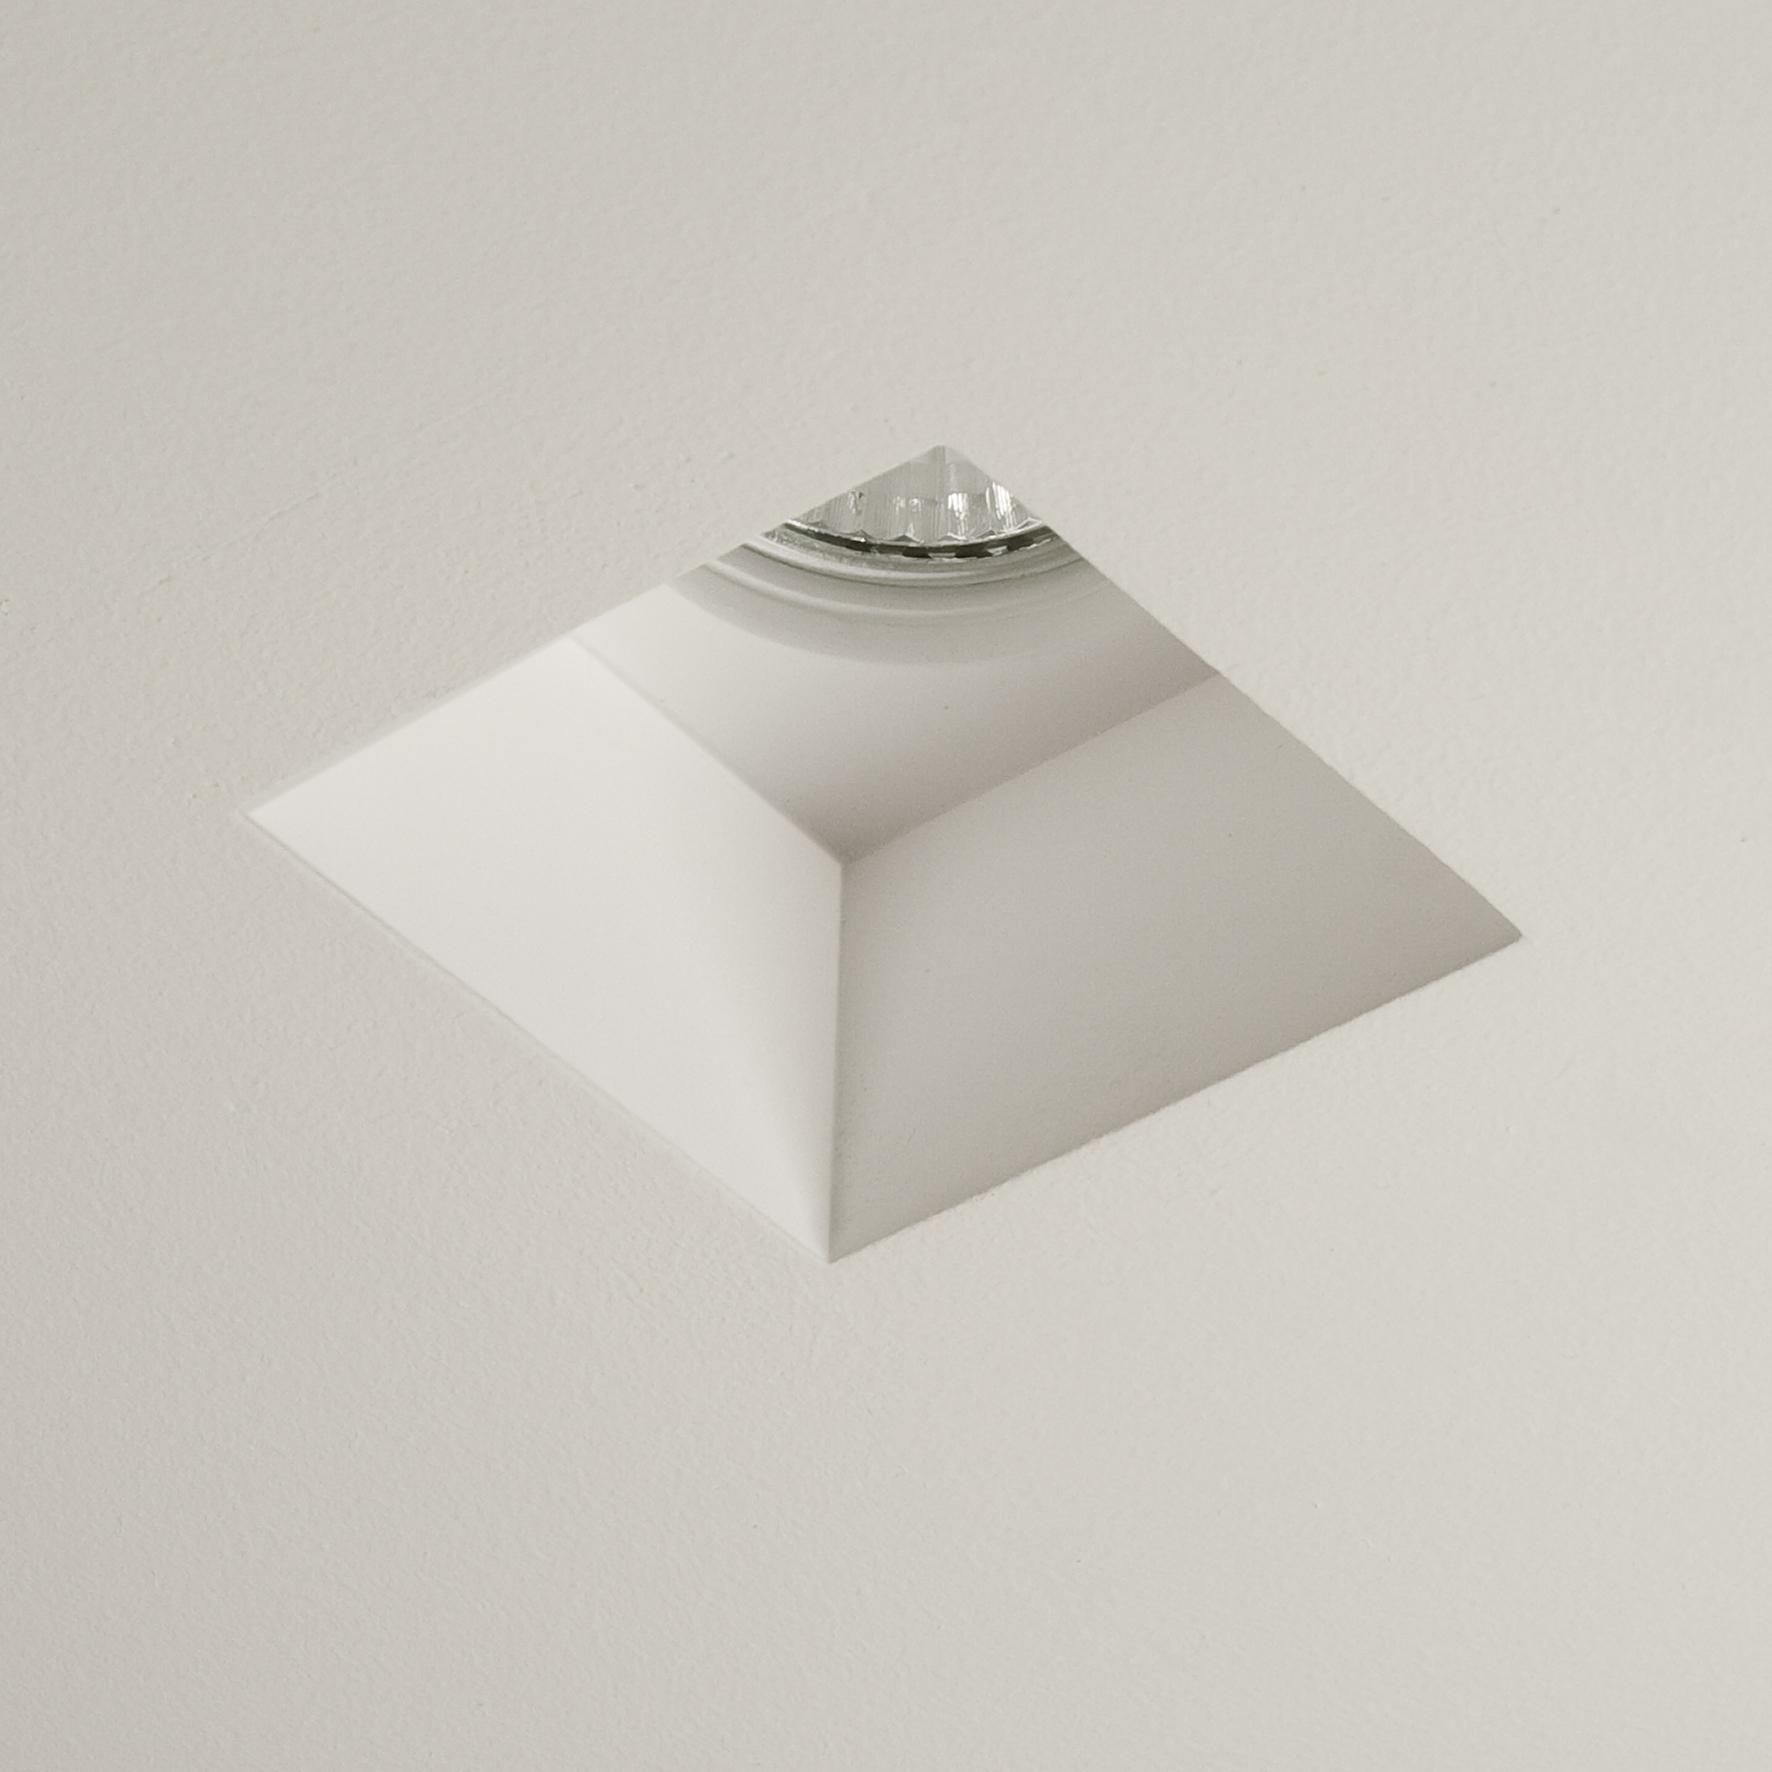 Astro 1253002 Blanco Square Downlight